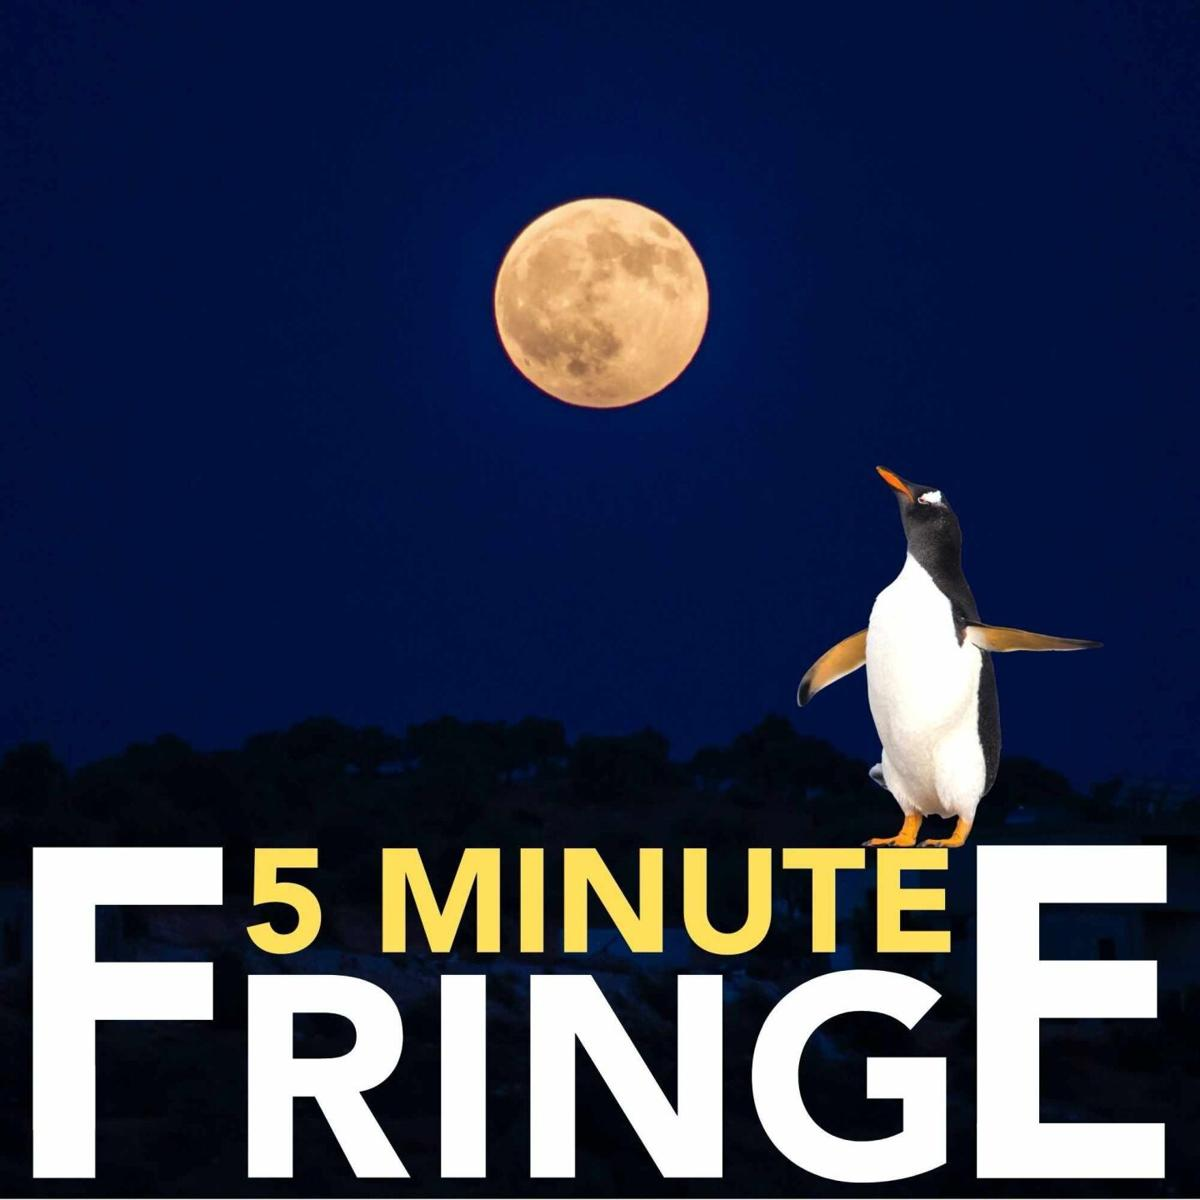 5-Minute Fringe